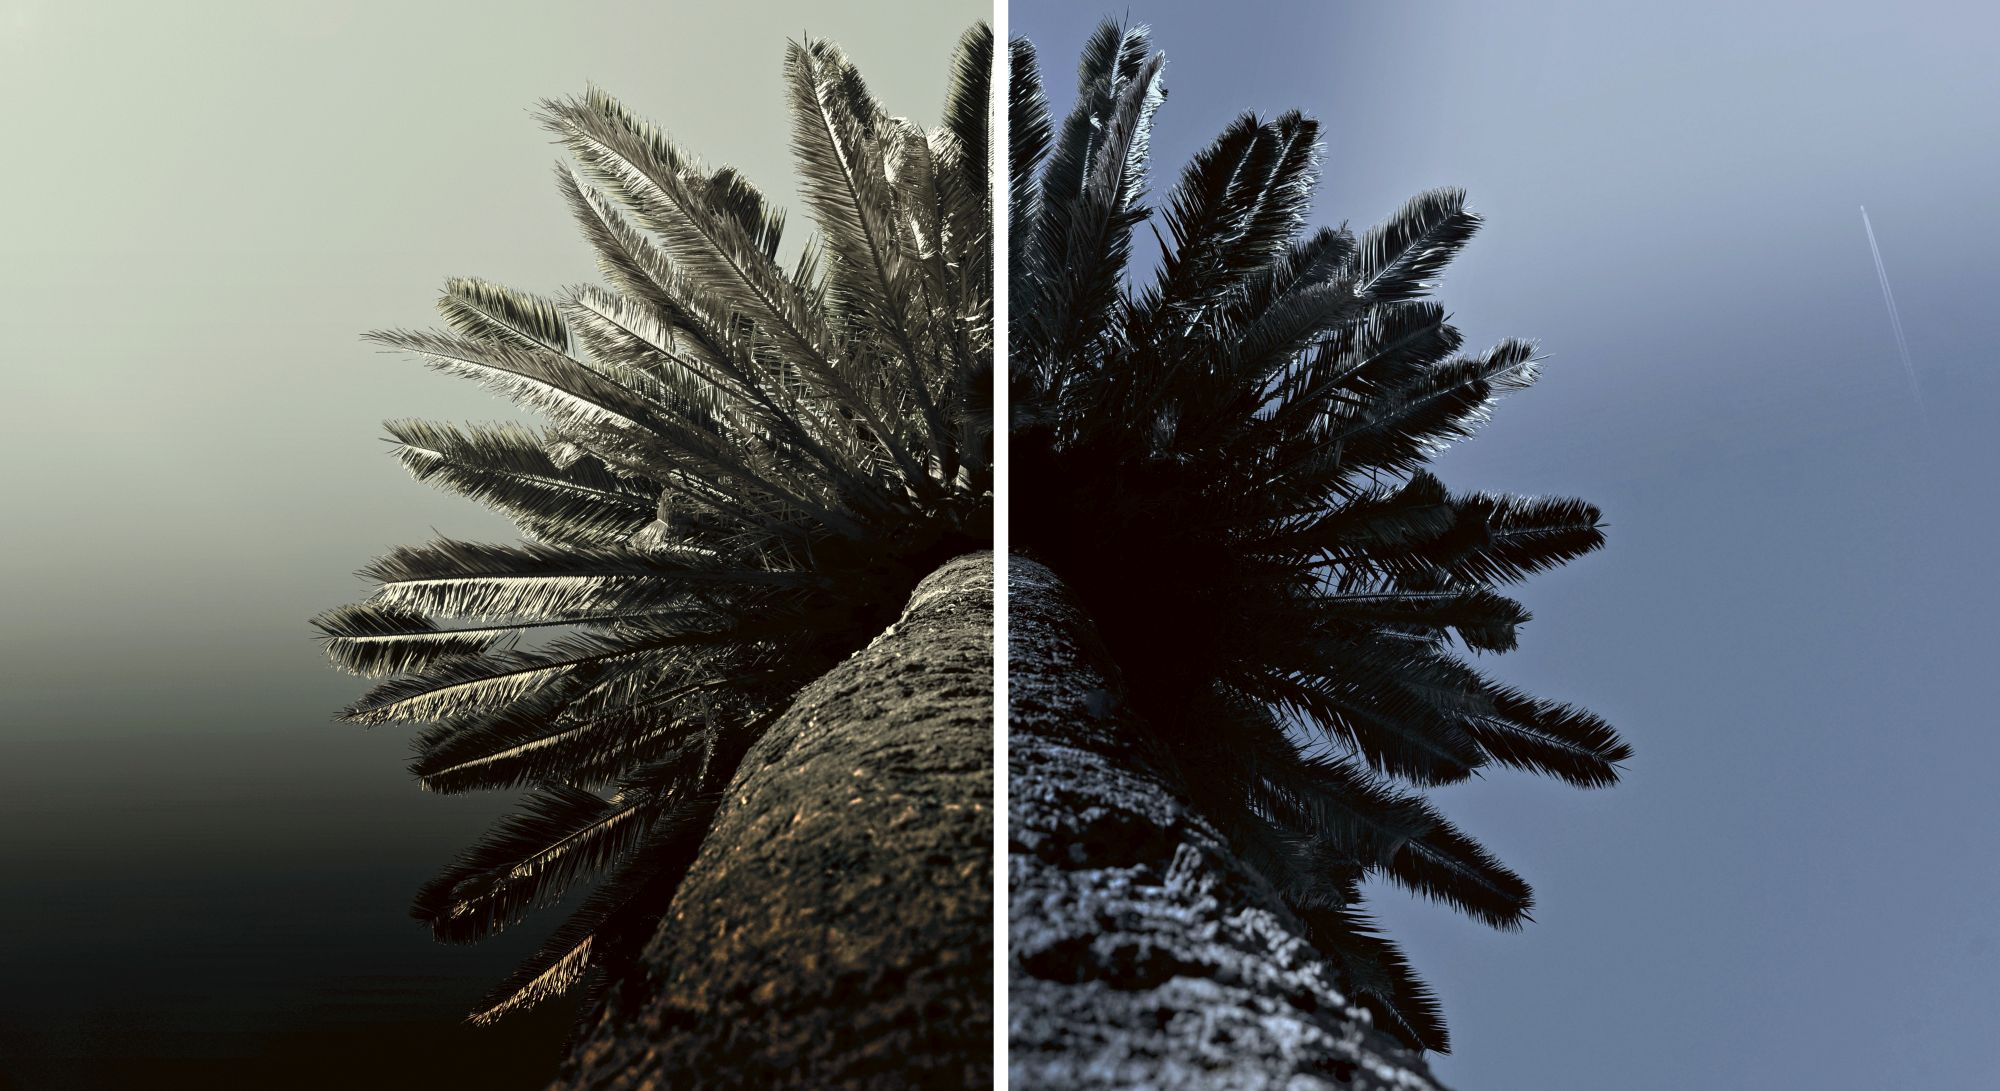 Cose di natura, Nature's Matters #14, Palma/Palm, 2014